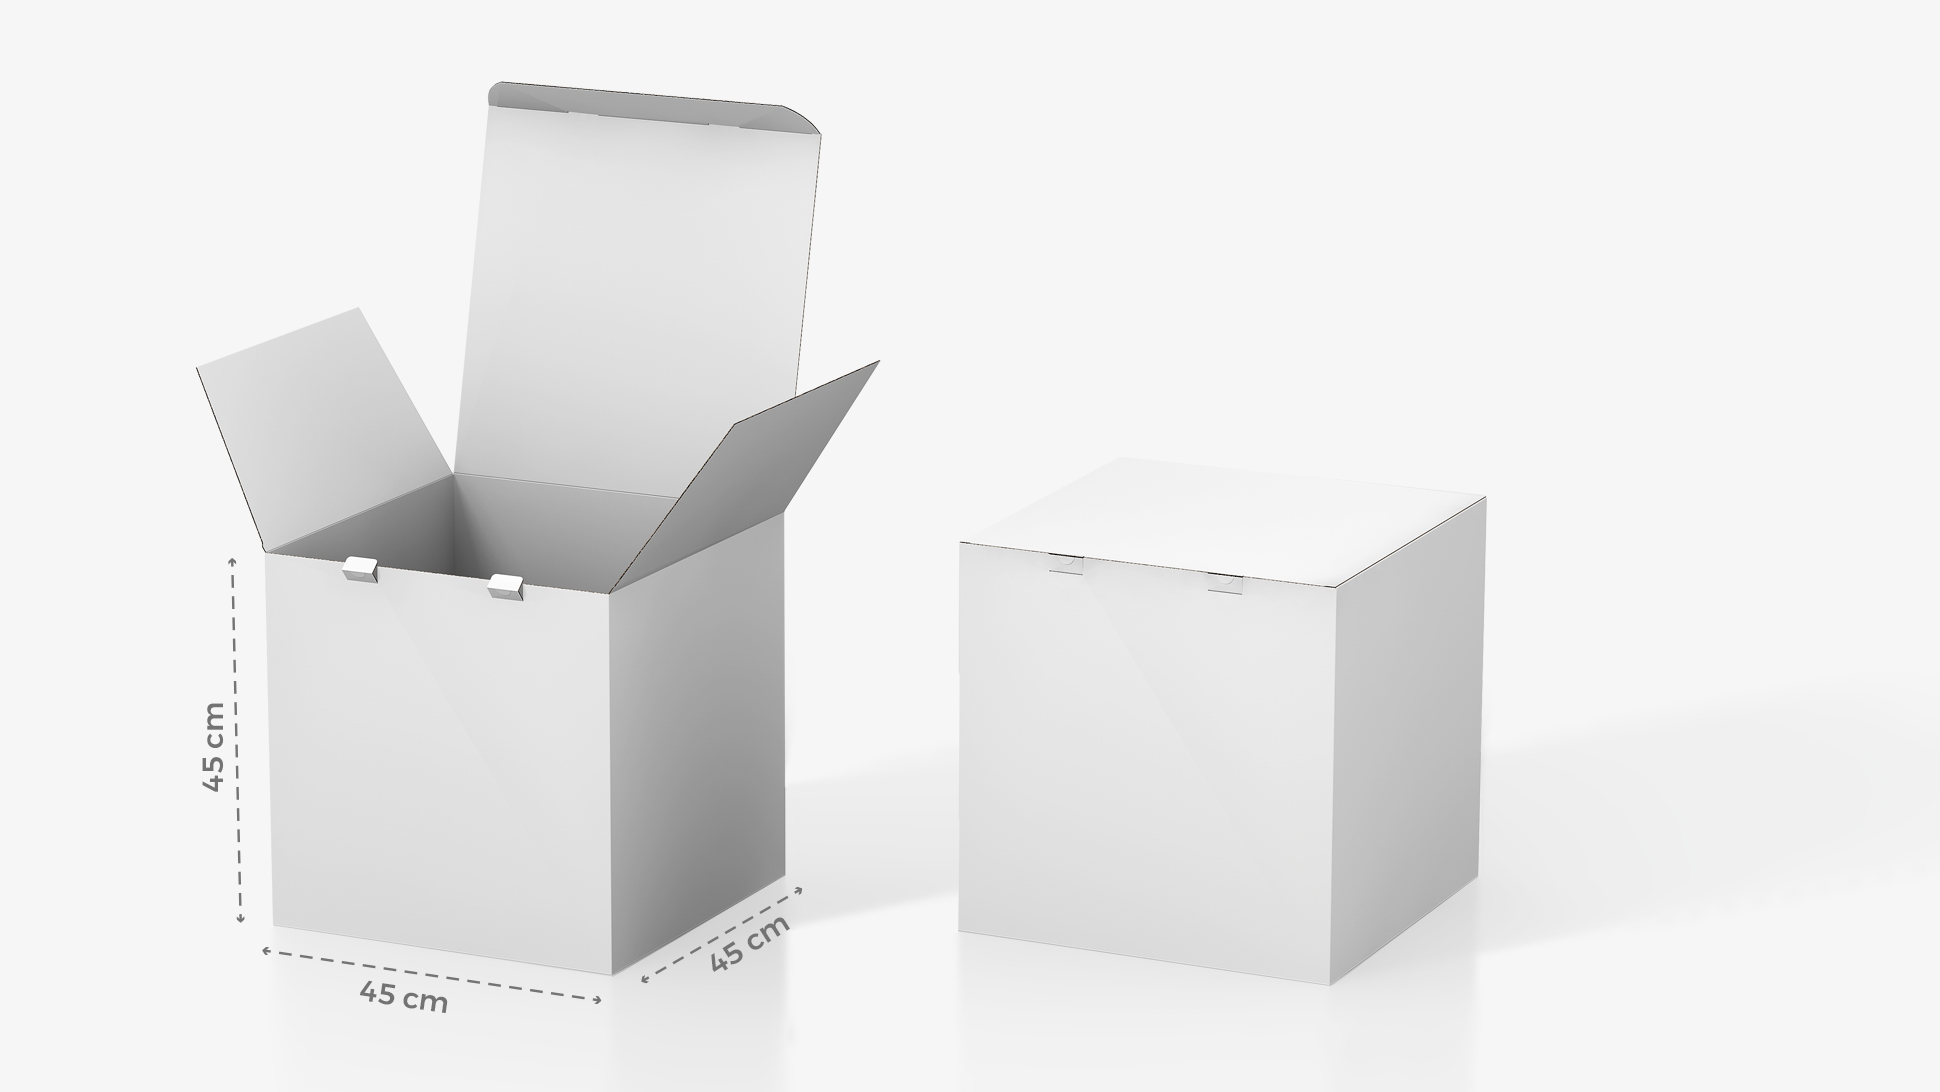 Scatola in cartone 45x45 cm personalizzabile | tictac.it